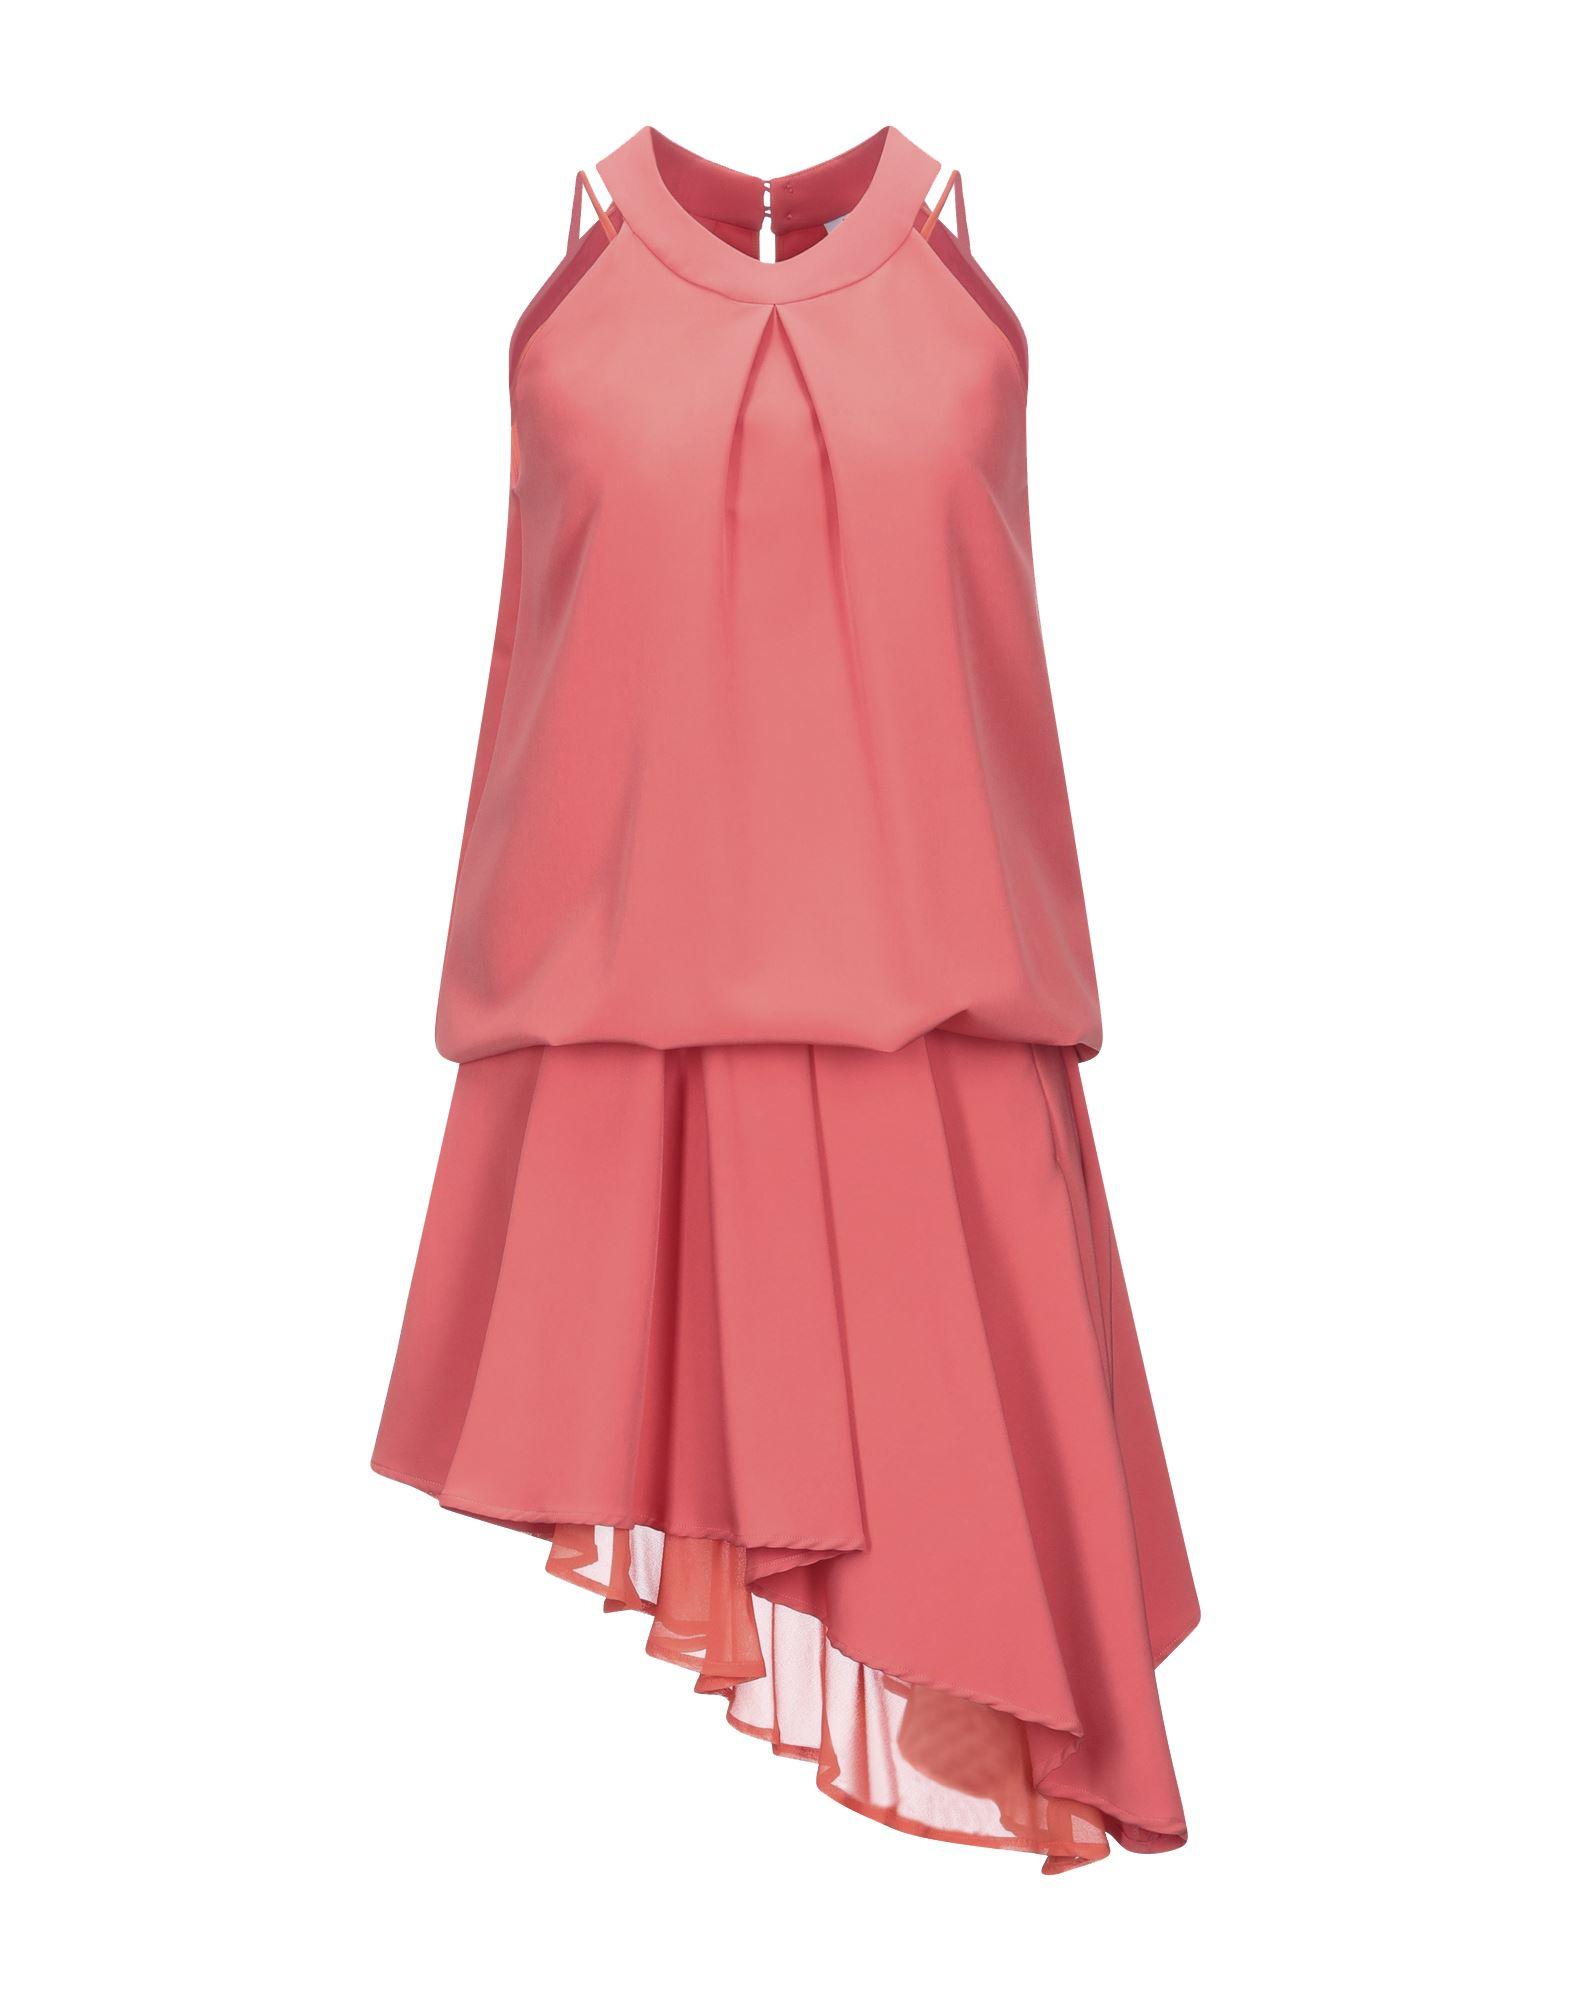 Фото - GIL SANTUCCI Платье до колена gil santucci платье до колена